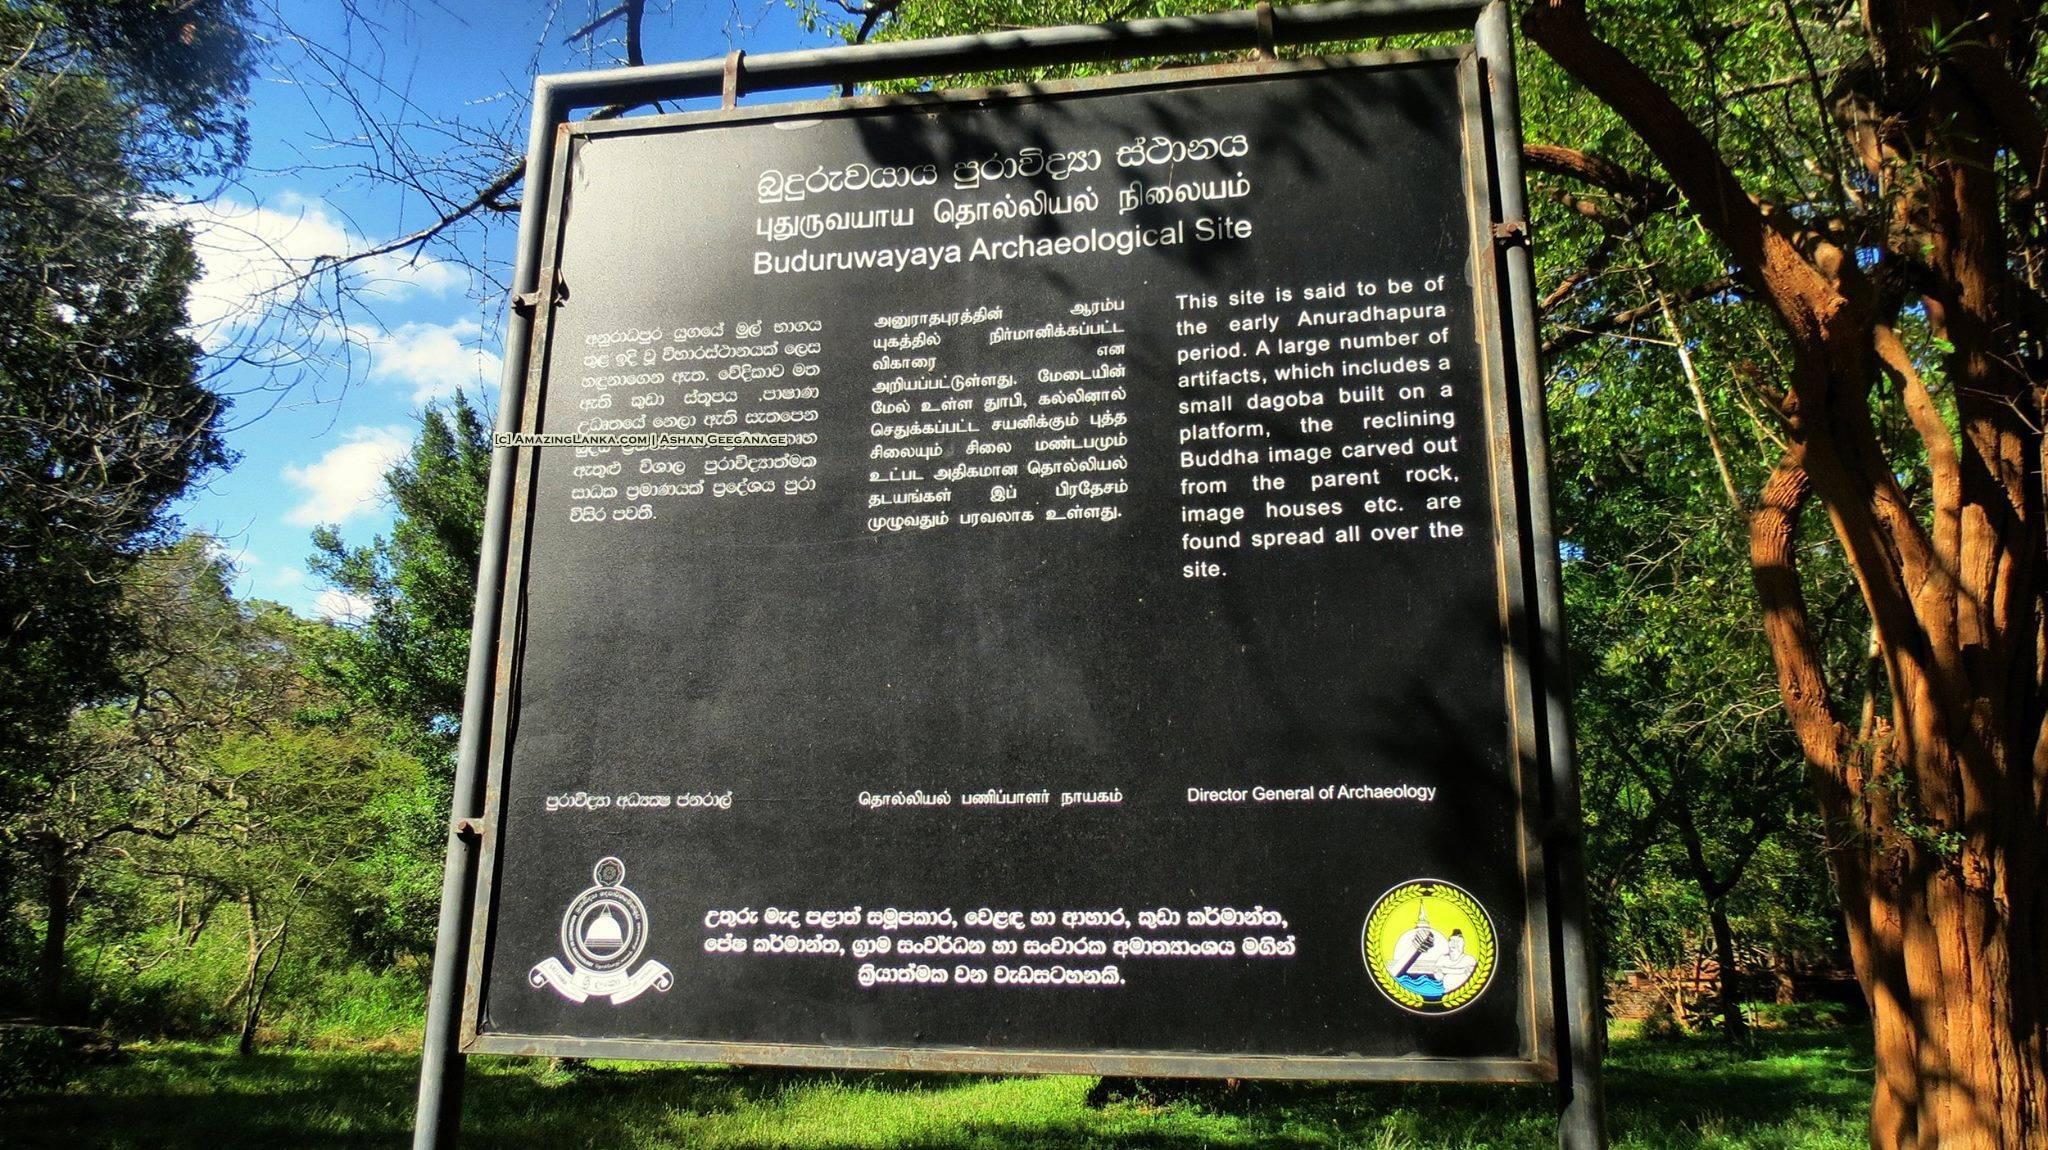 Buduruwayaya Archaeological Site - Bakamuna